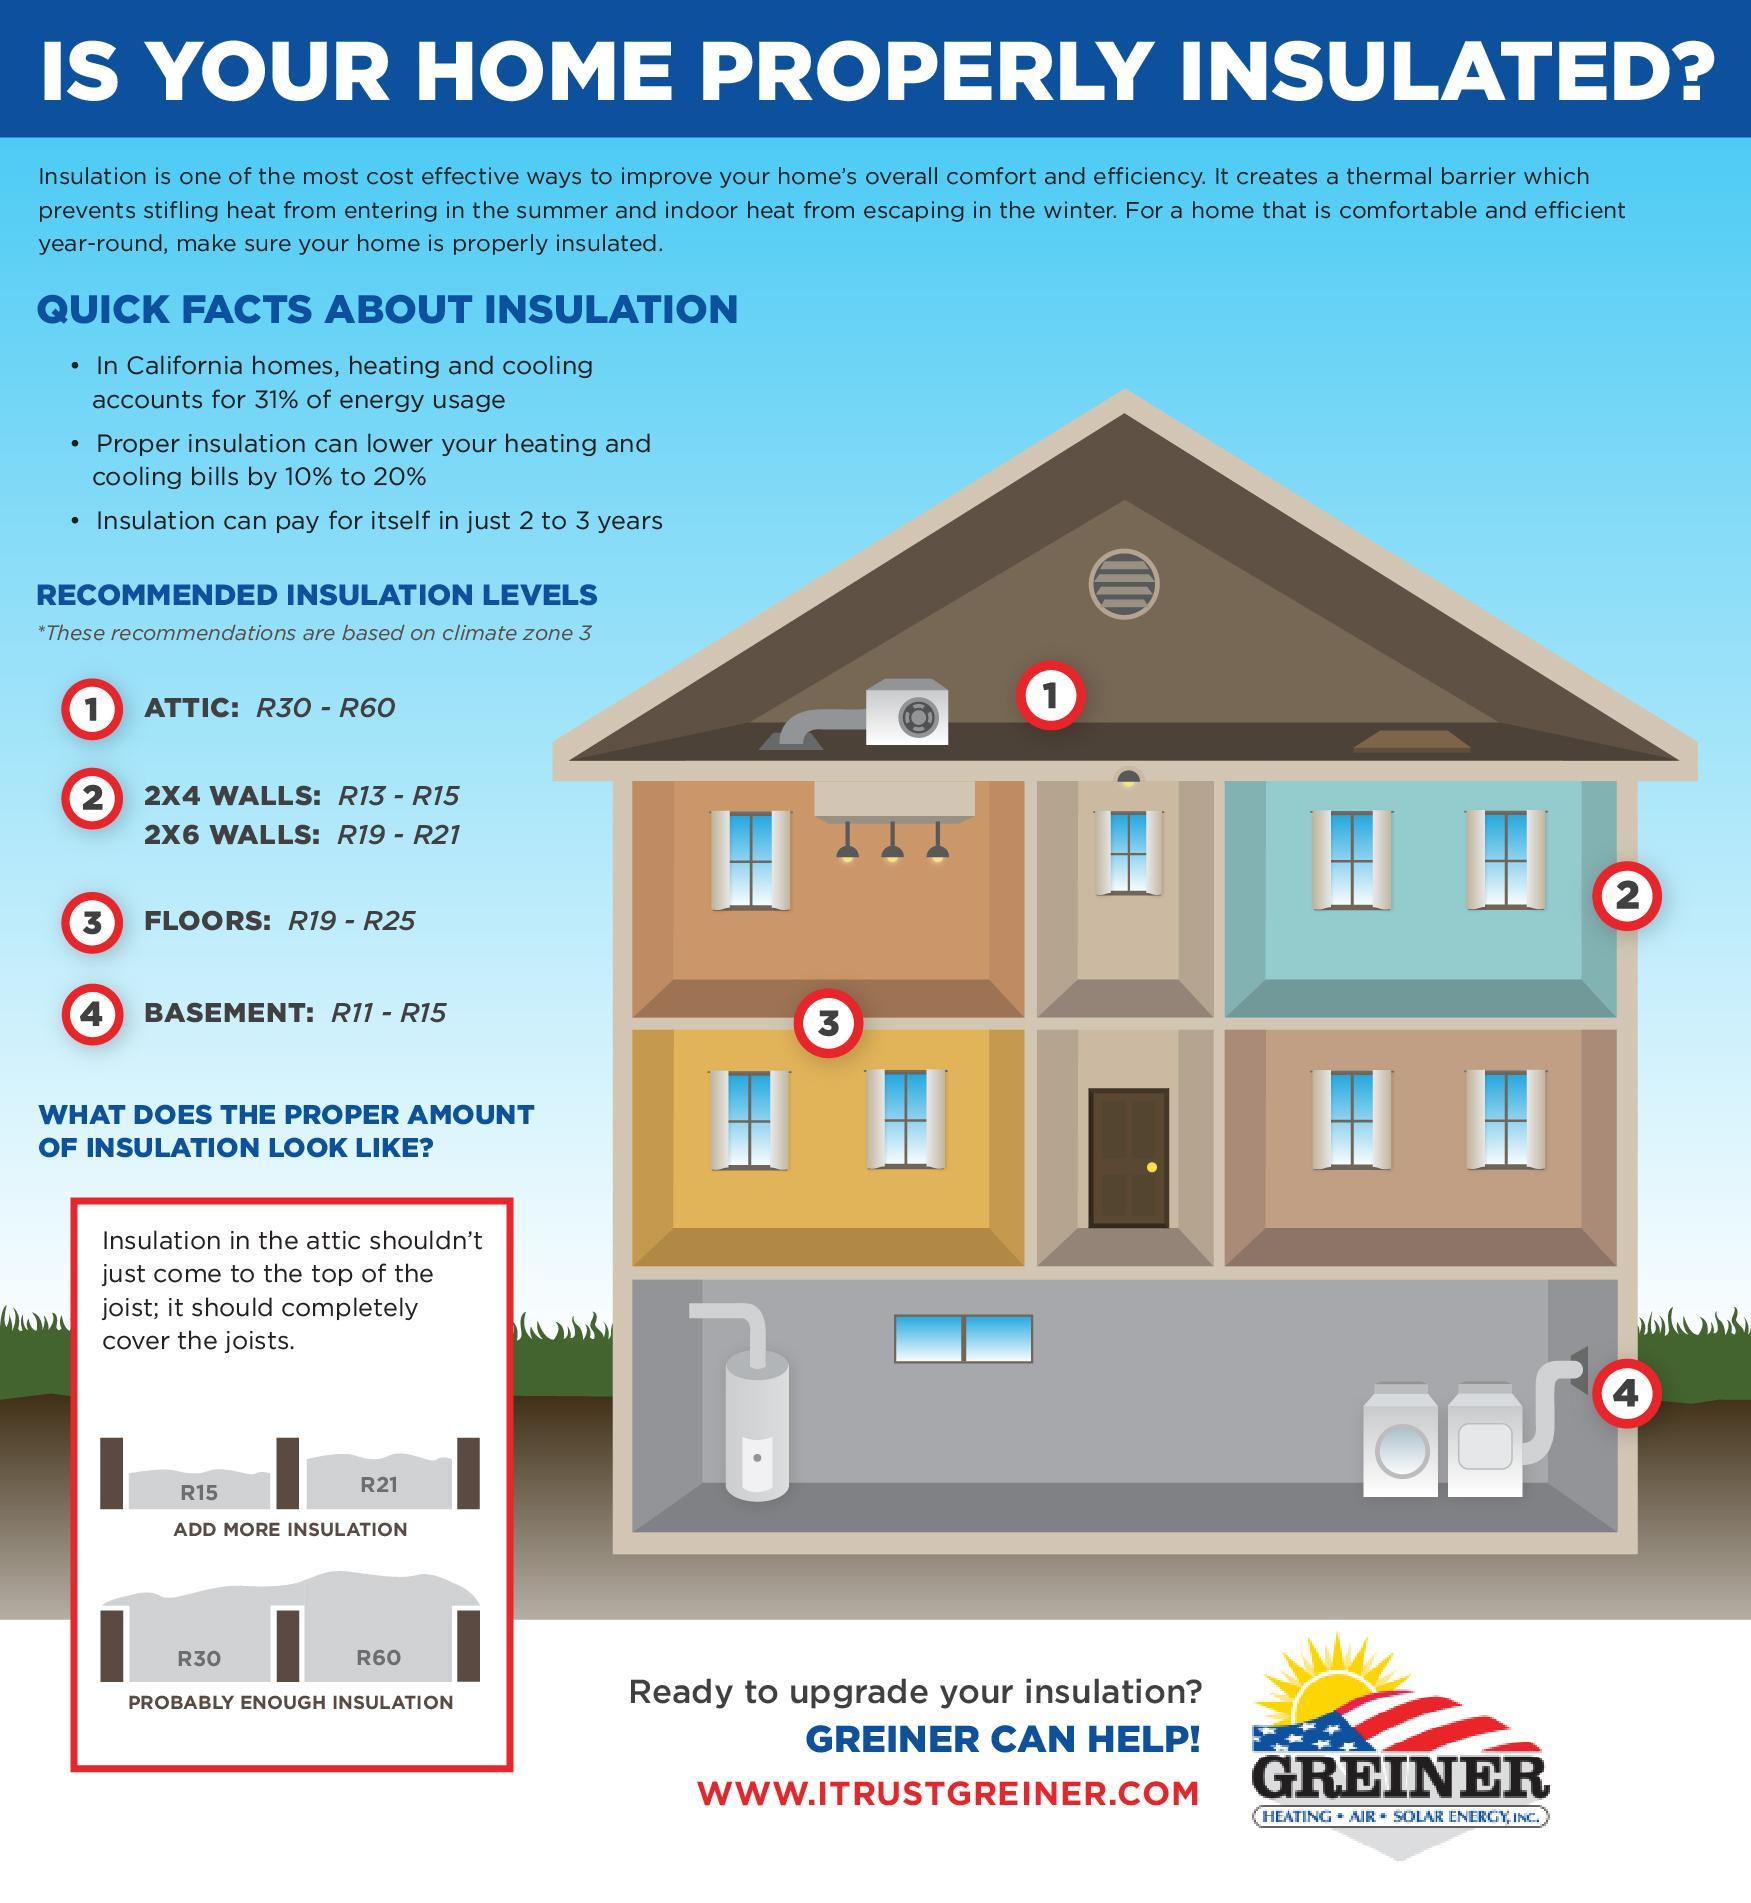 Insulation recommendation, Greiner HVAC, CA